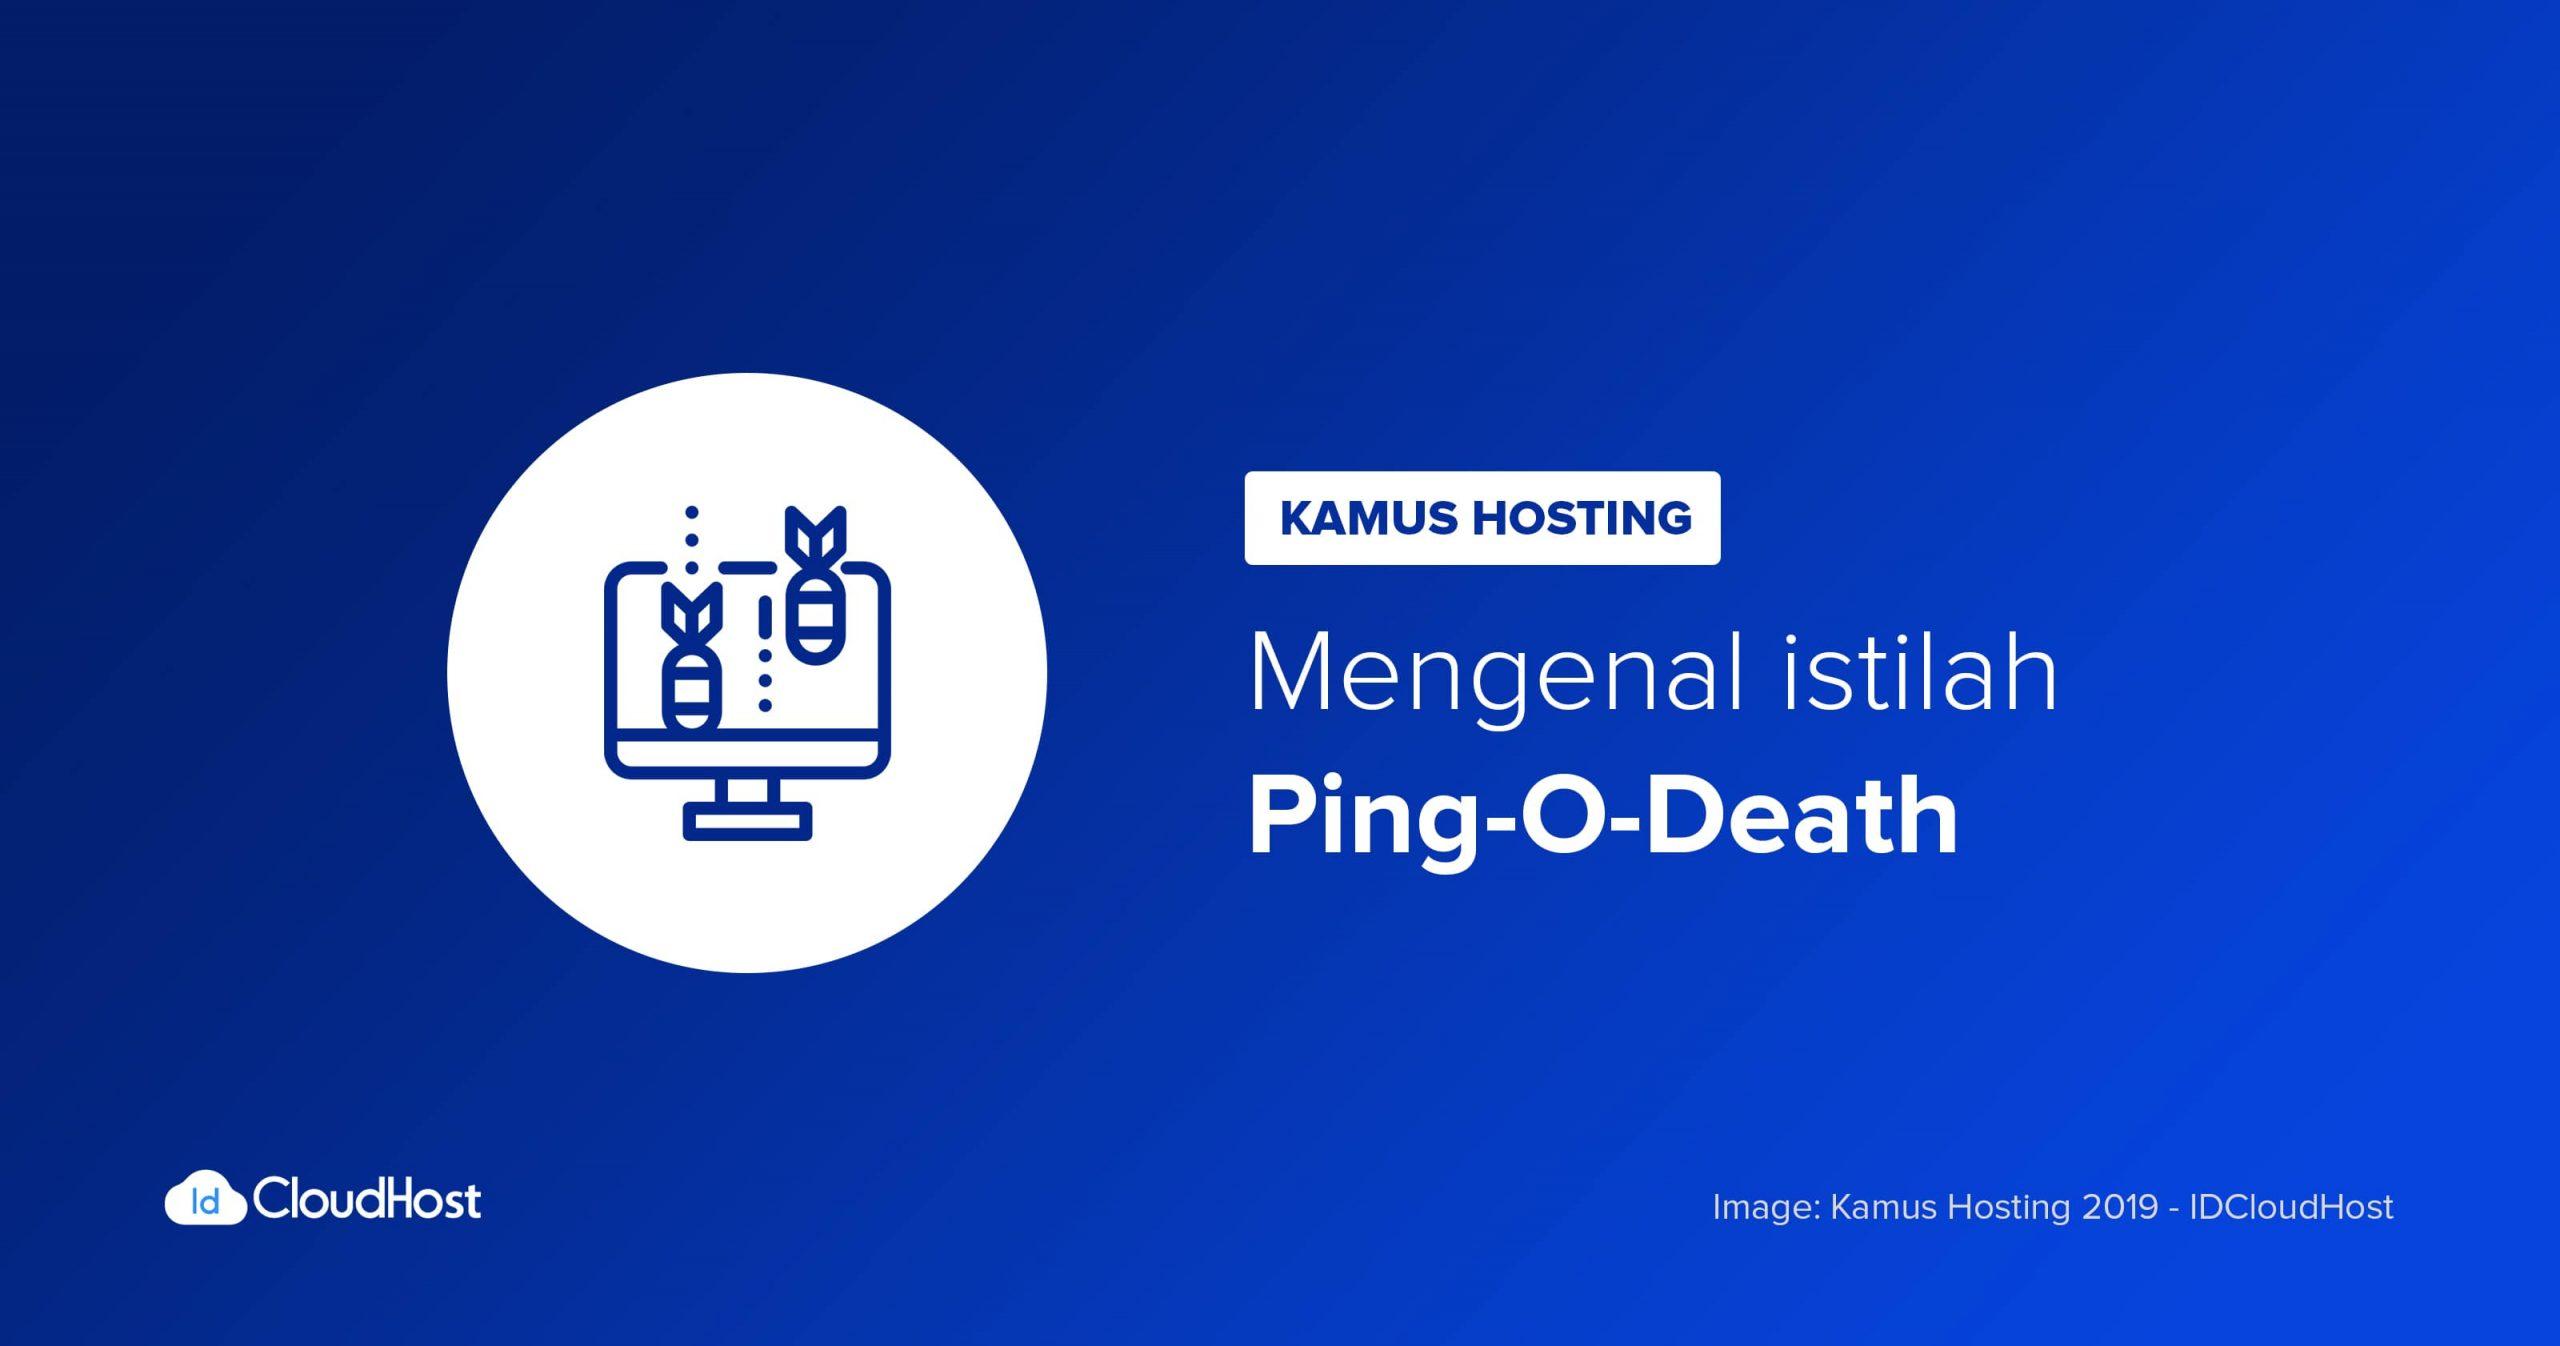 Ping-O-Death